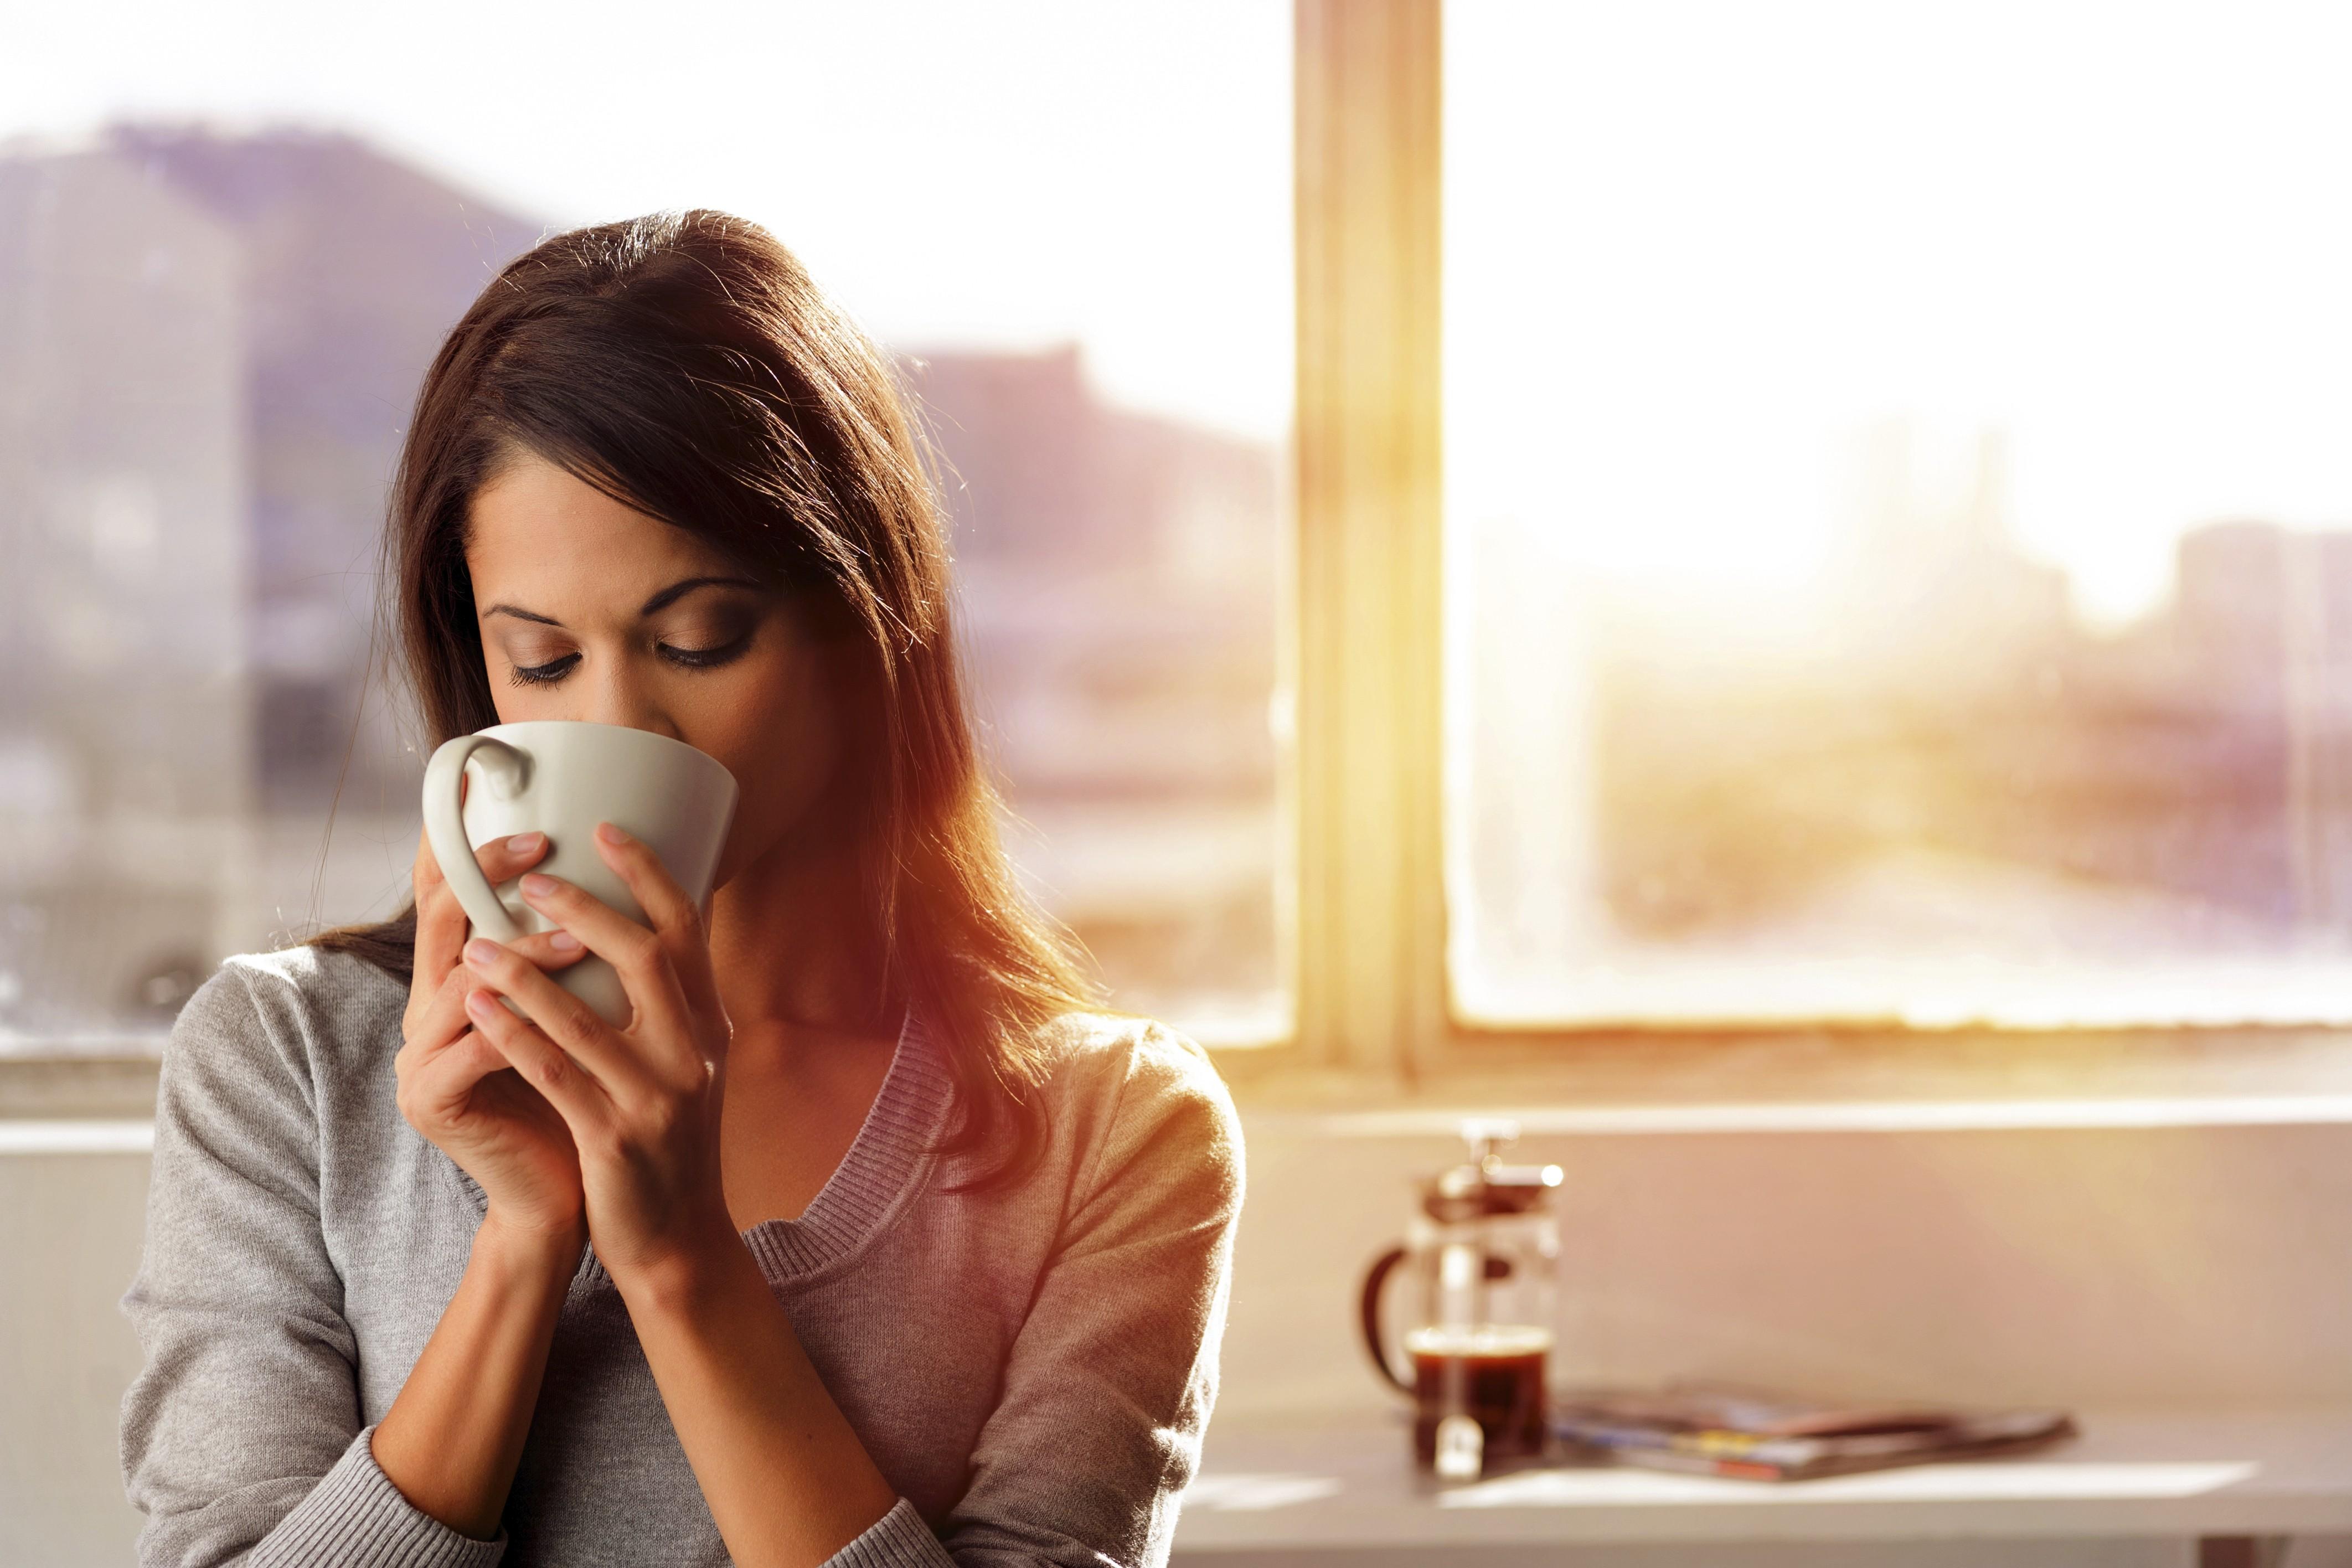 7775892079_boire-du-cafe-peut-reduire-la-maladie-de-parkinson